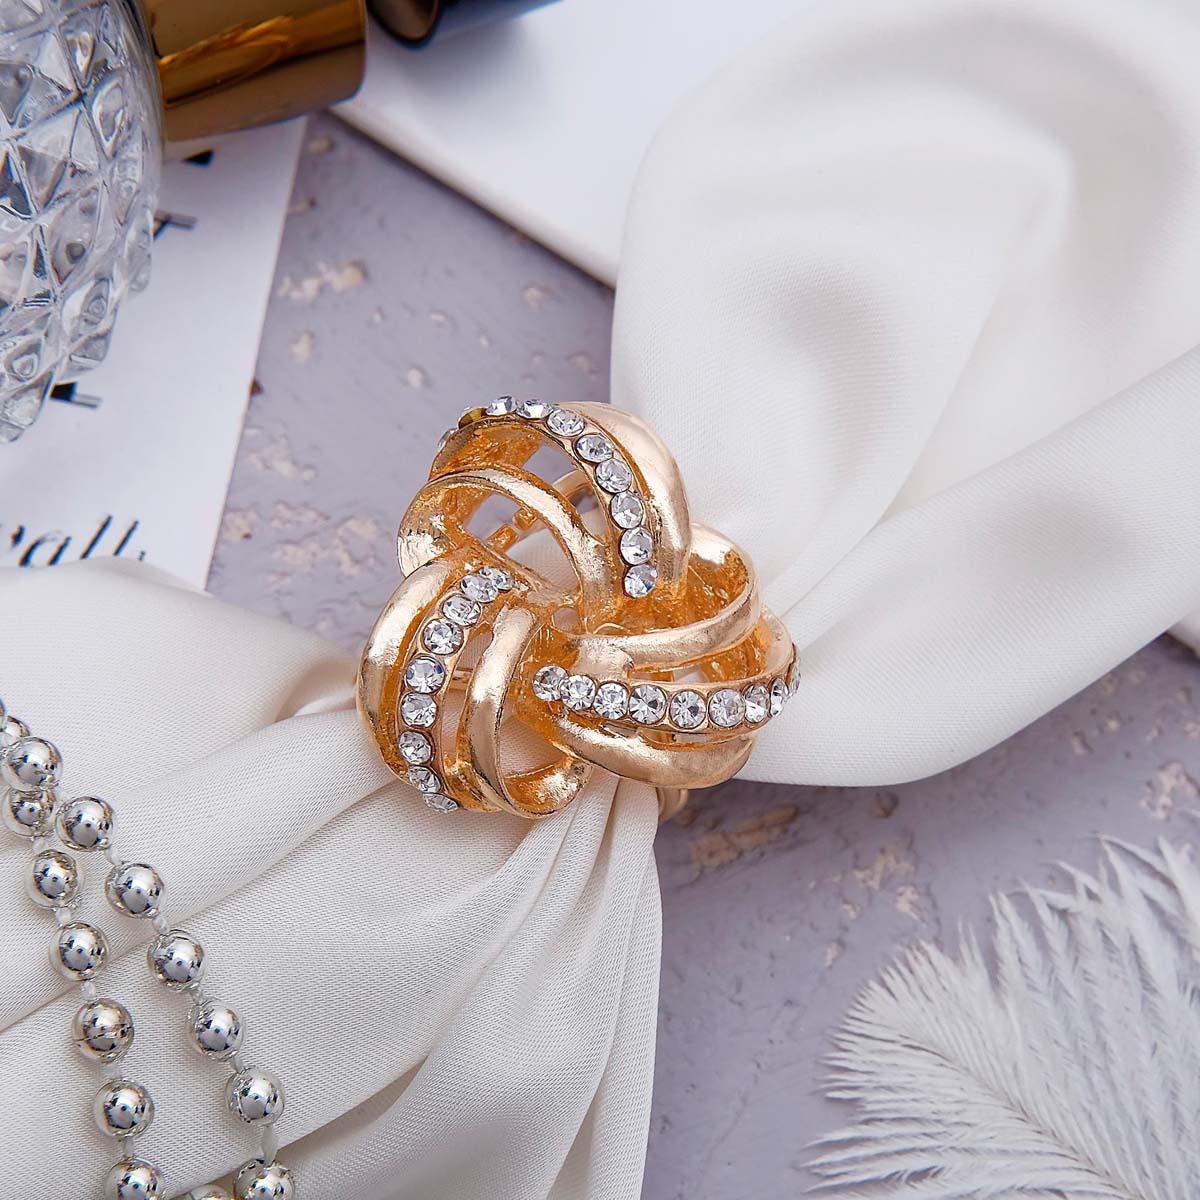 1353790 Кольцо для платка 'Трио', цвет белый в золоте